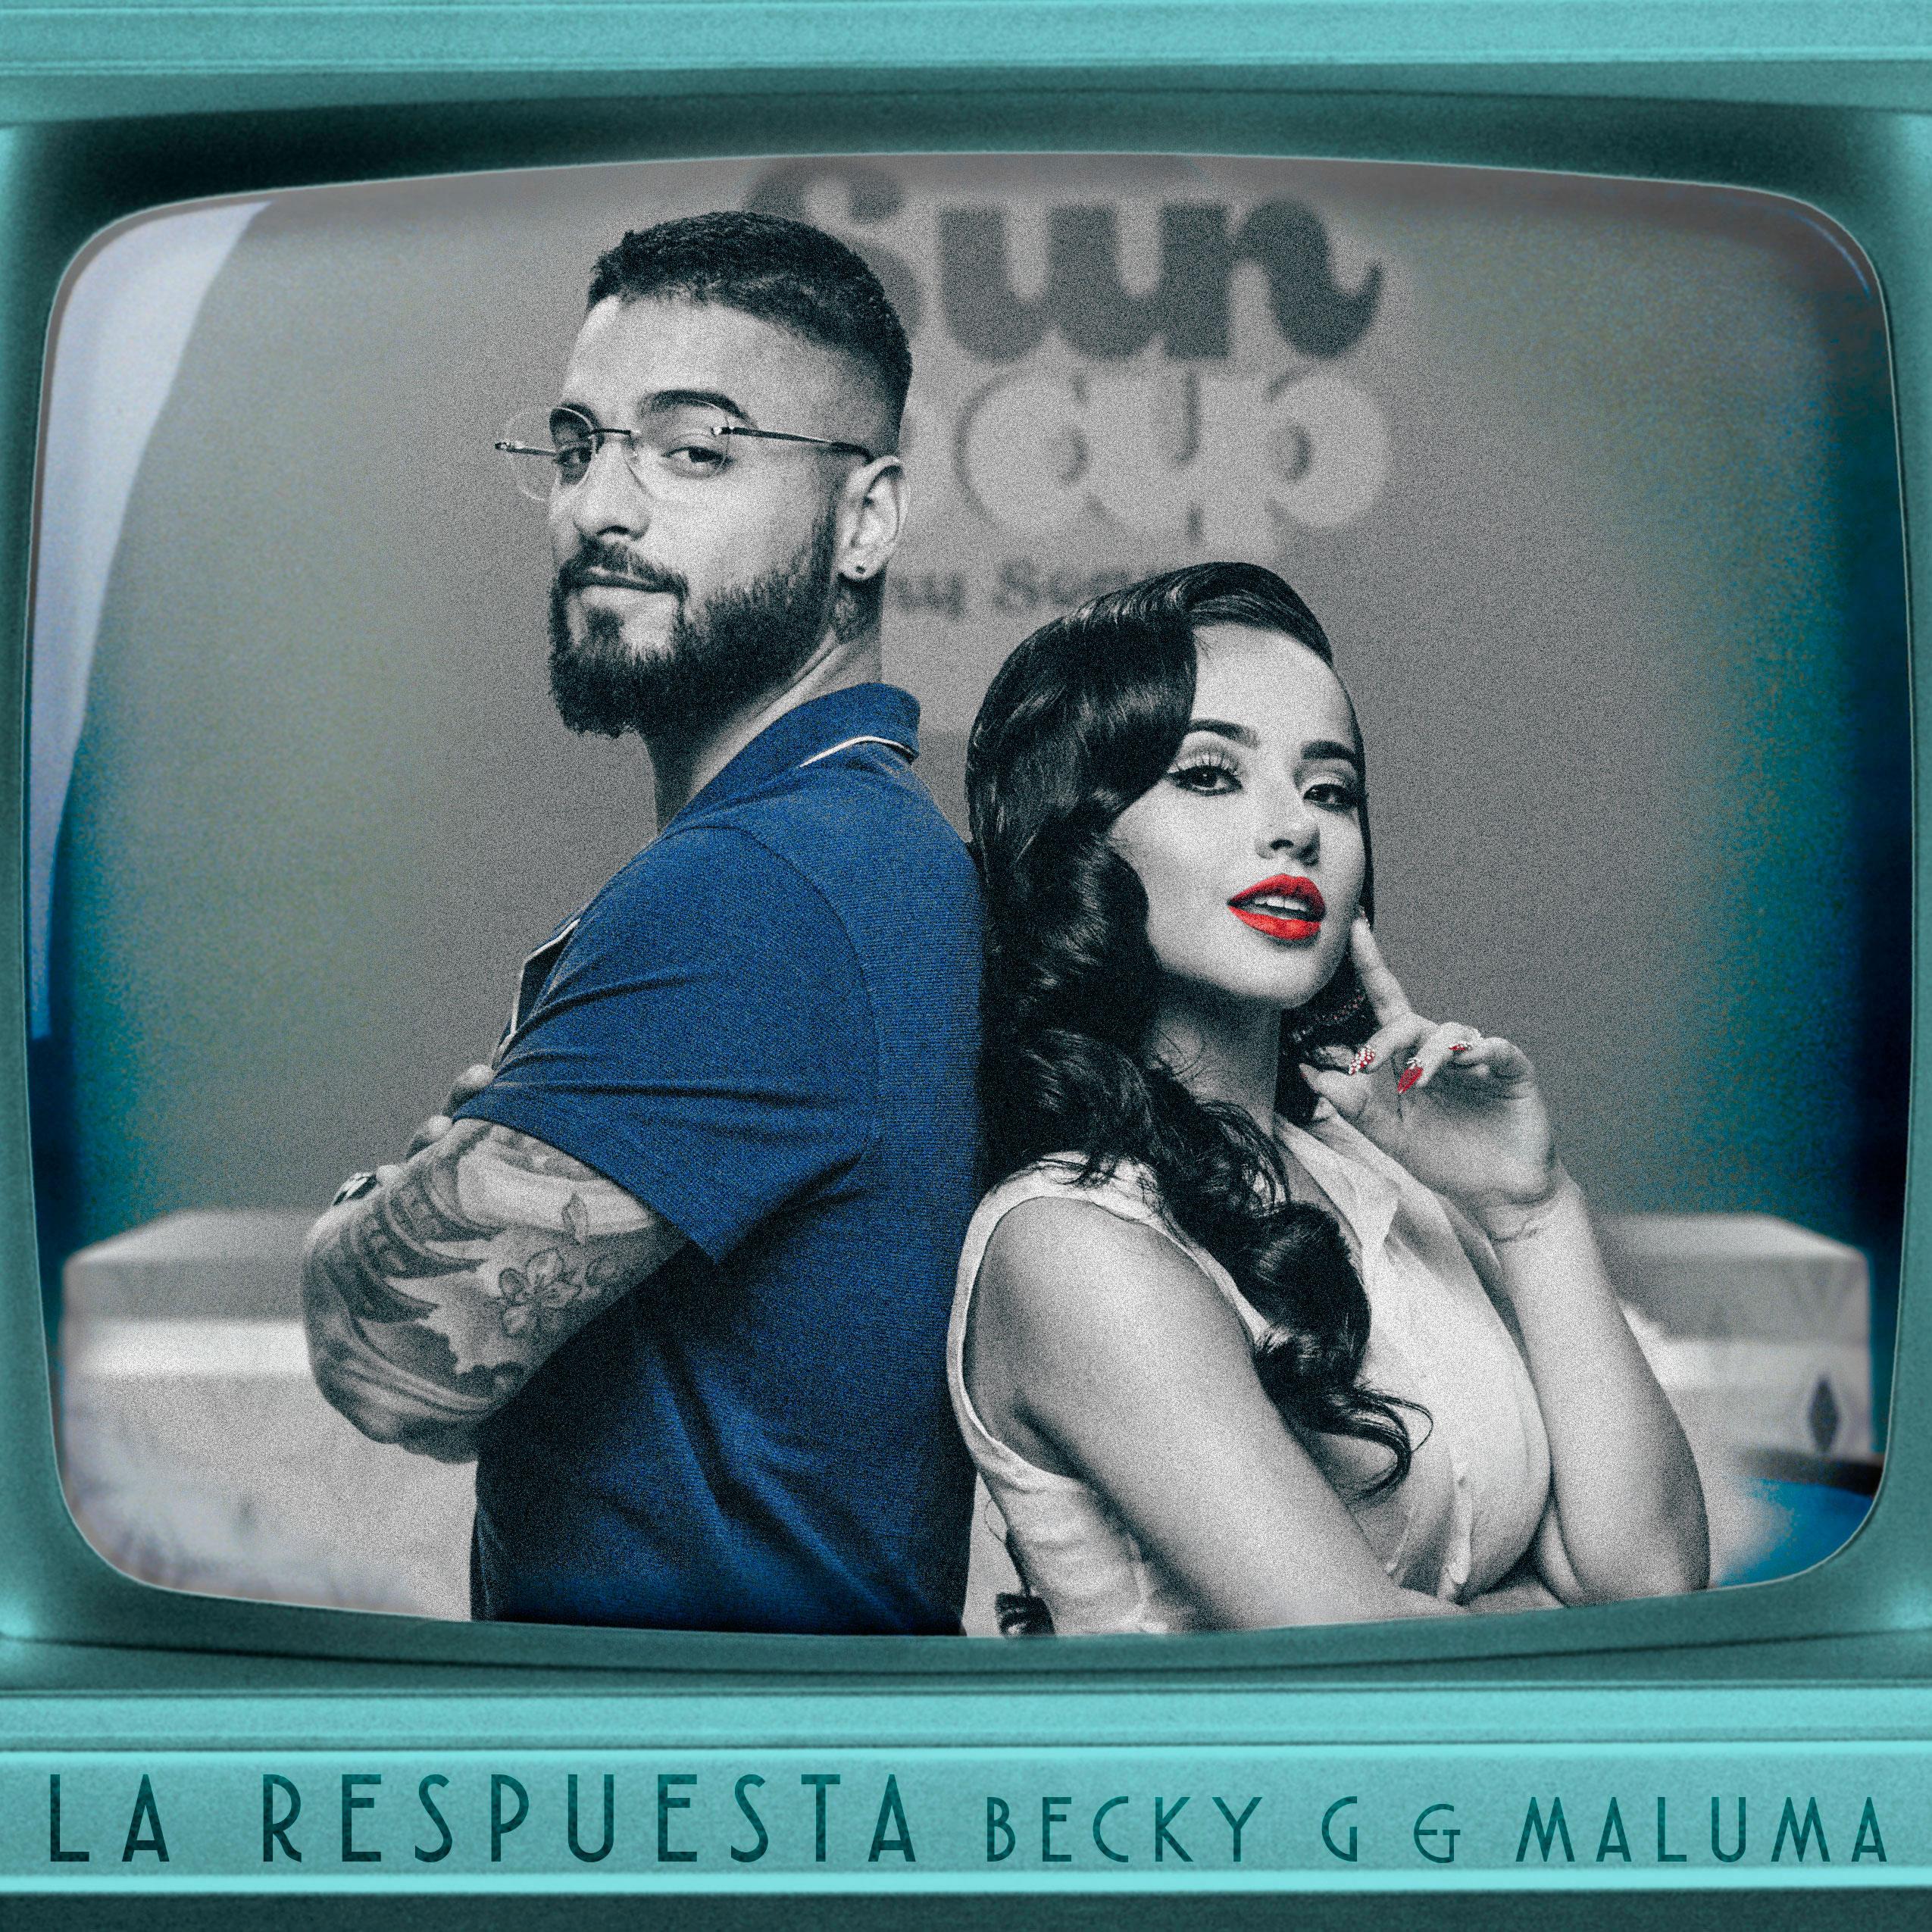 LaRespuesta_BeckyG_Maluma